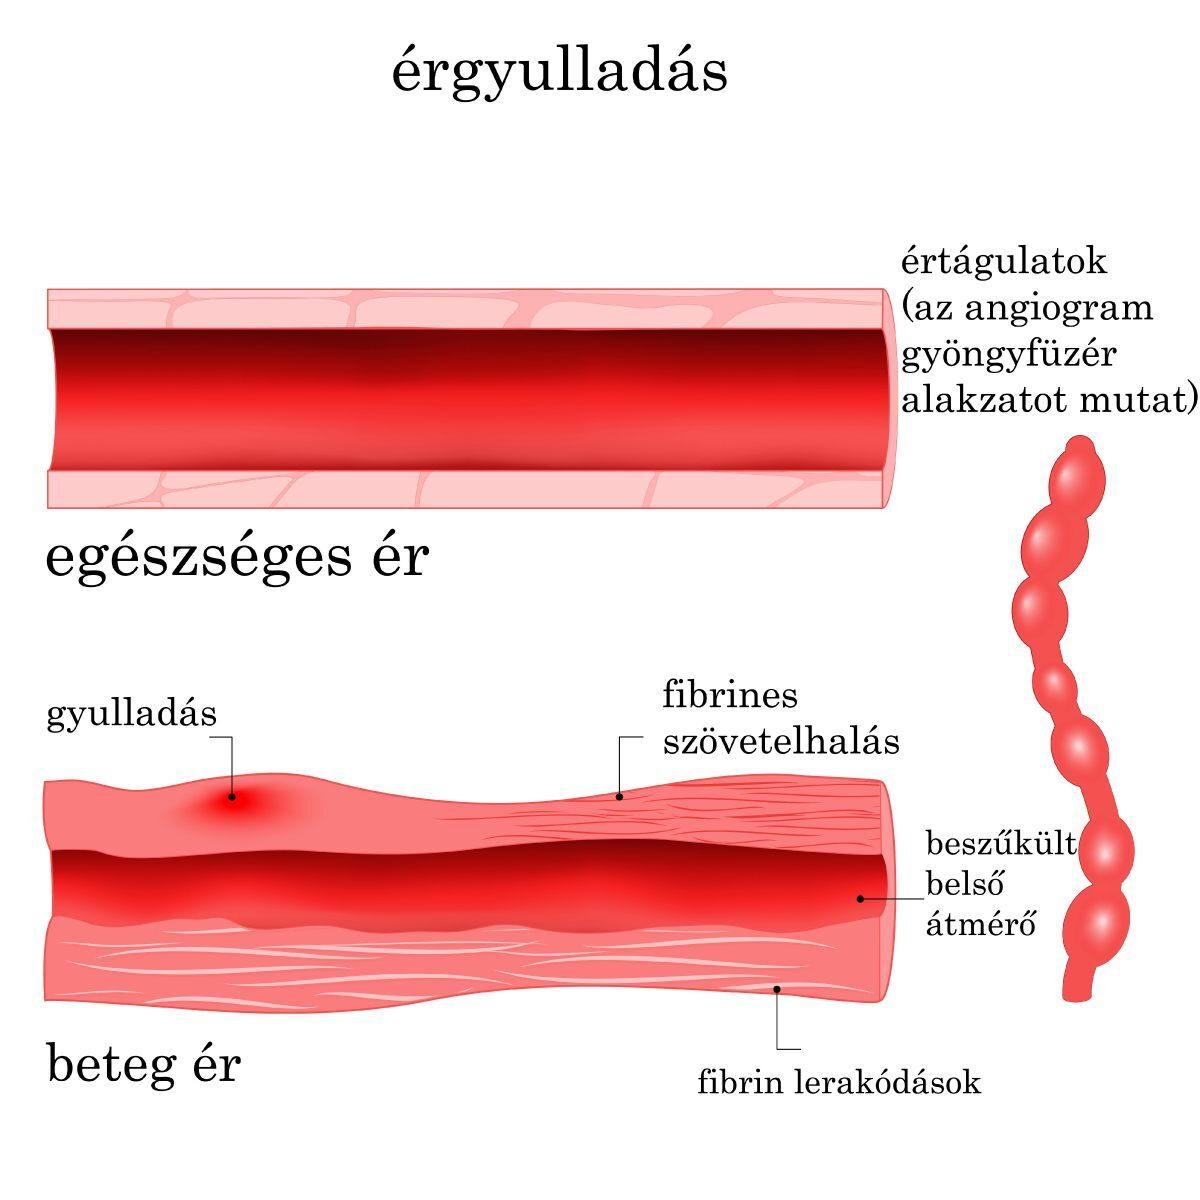 ízületek és gerinc degeneratív degeneratív betegségei